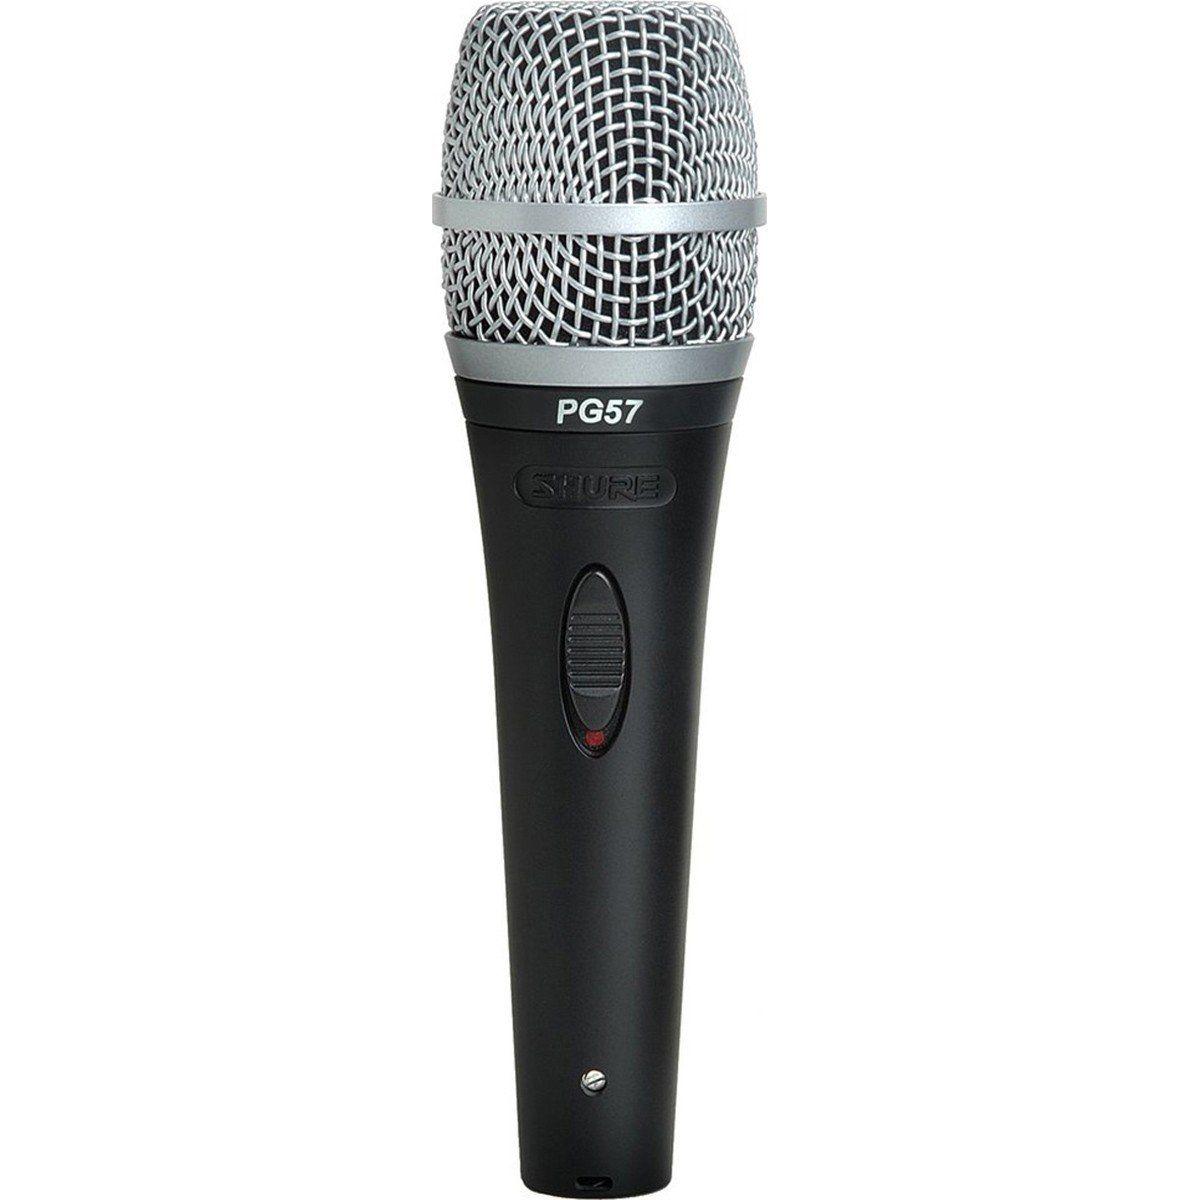 Shure PG57 Microfone Dinâmico Shure-PG57 para Guitarras e Percussão